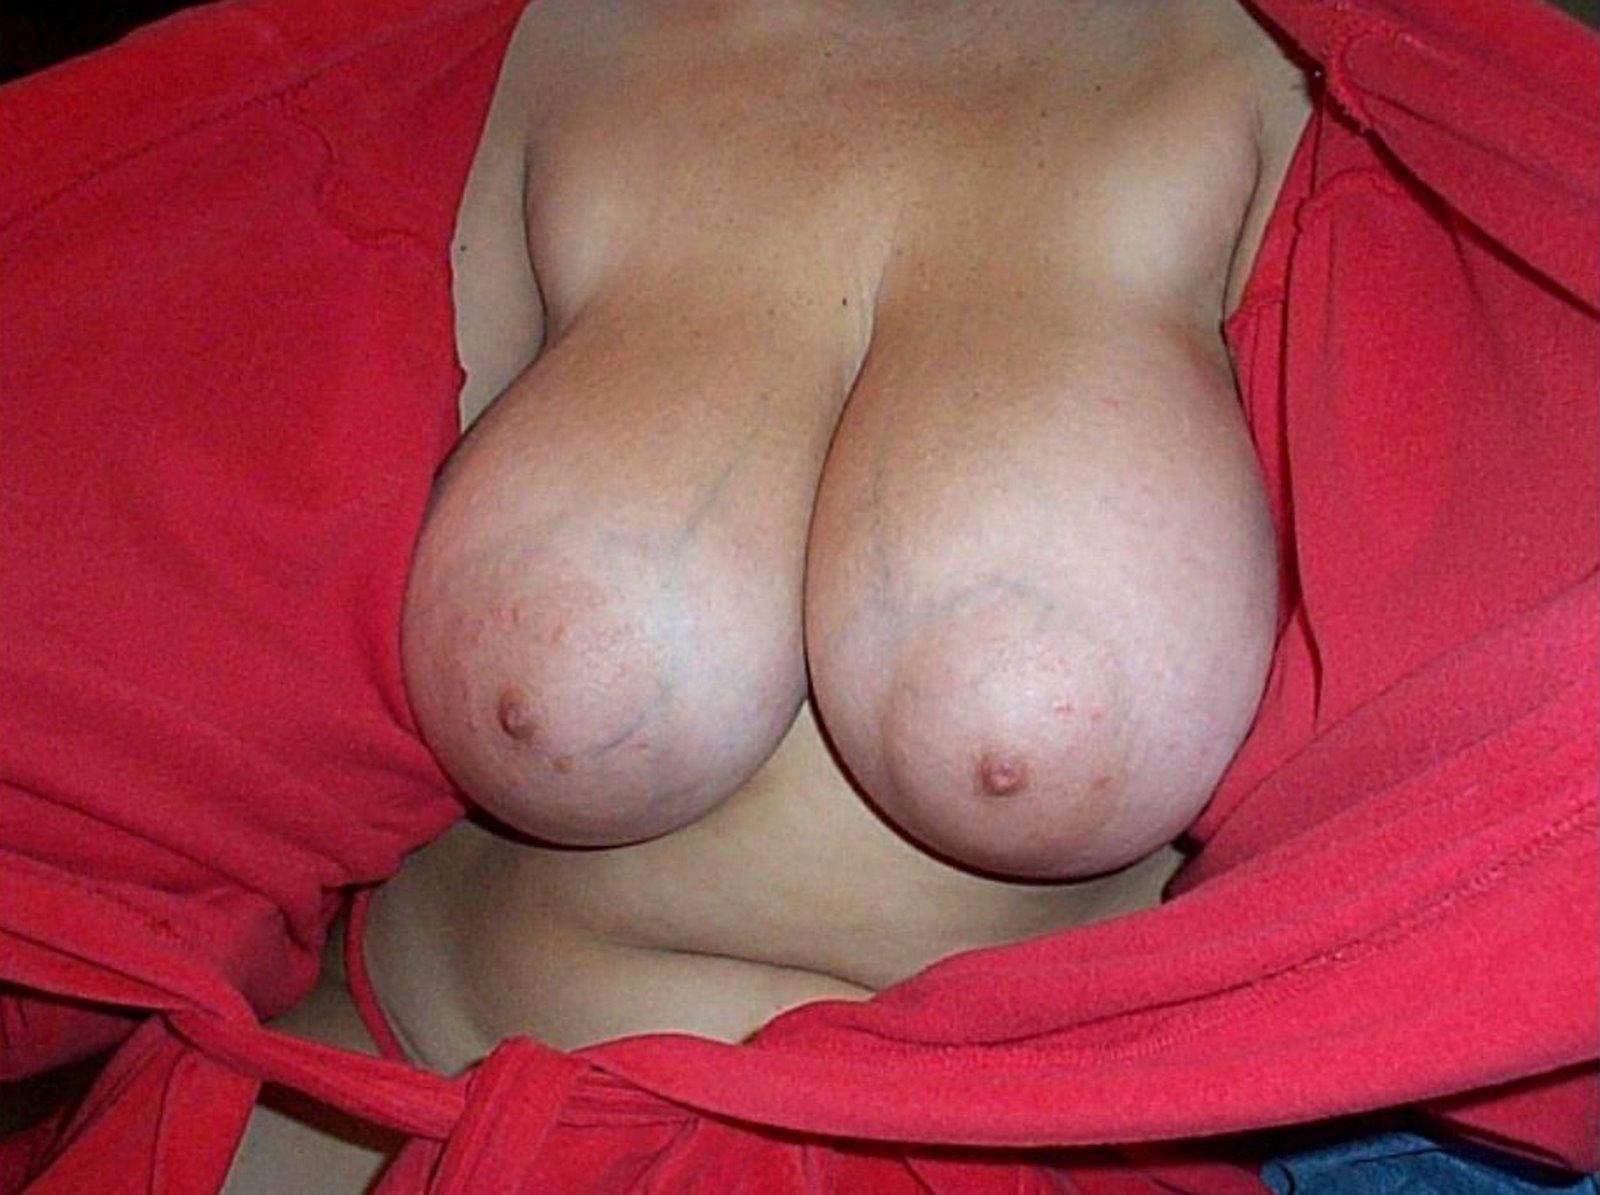 Фото больших ореол женских сосков, фото видео половых органов девушек